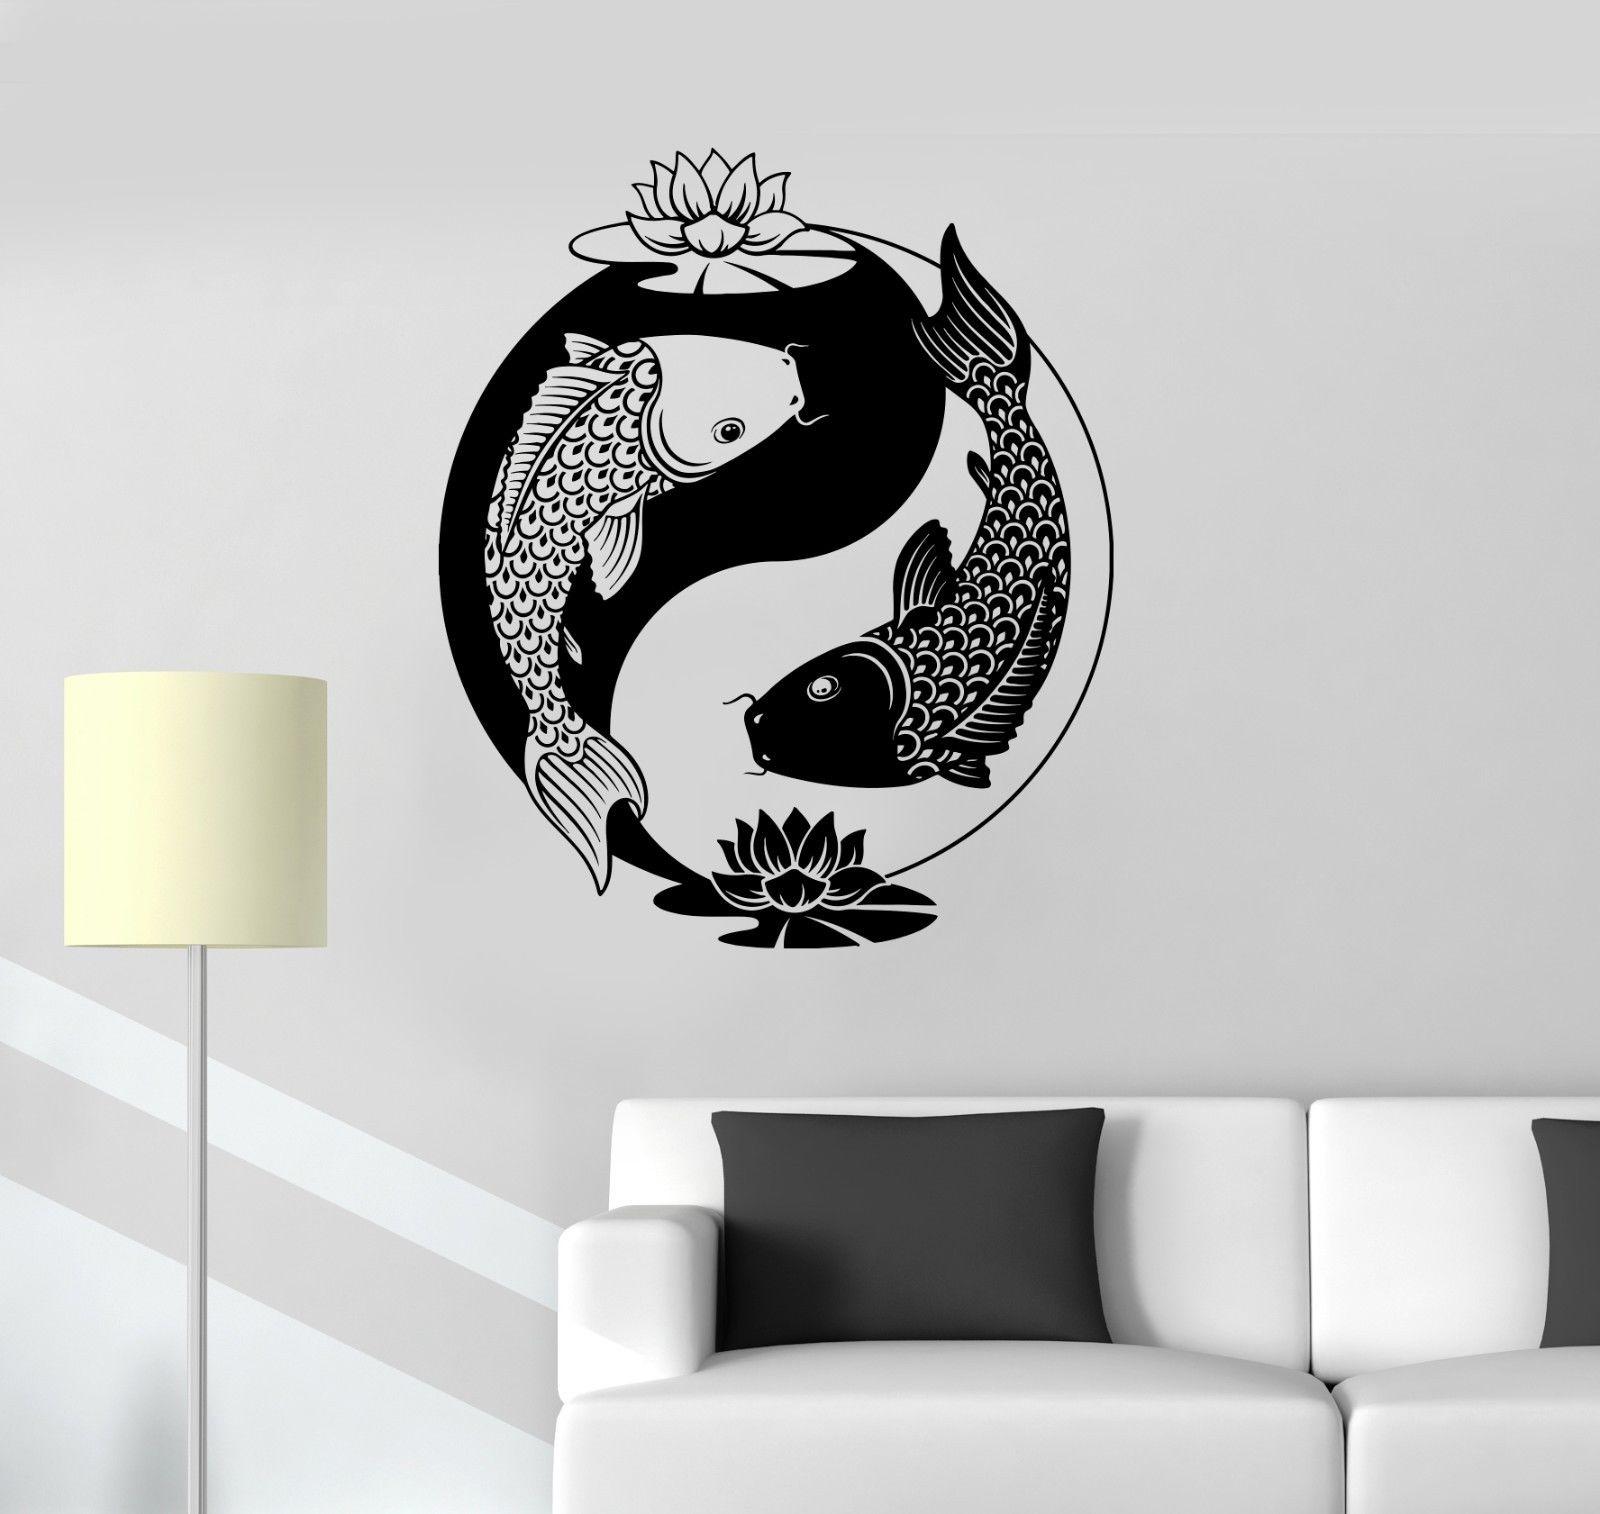 Hwhd new home vinyl decal yin yang tai lotus chinese for Big fish theory vinyl